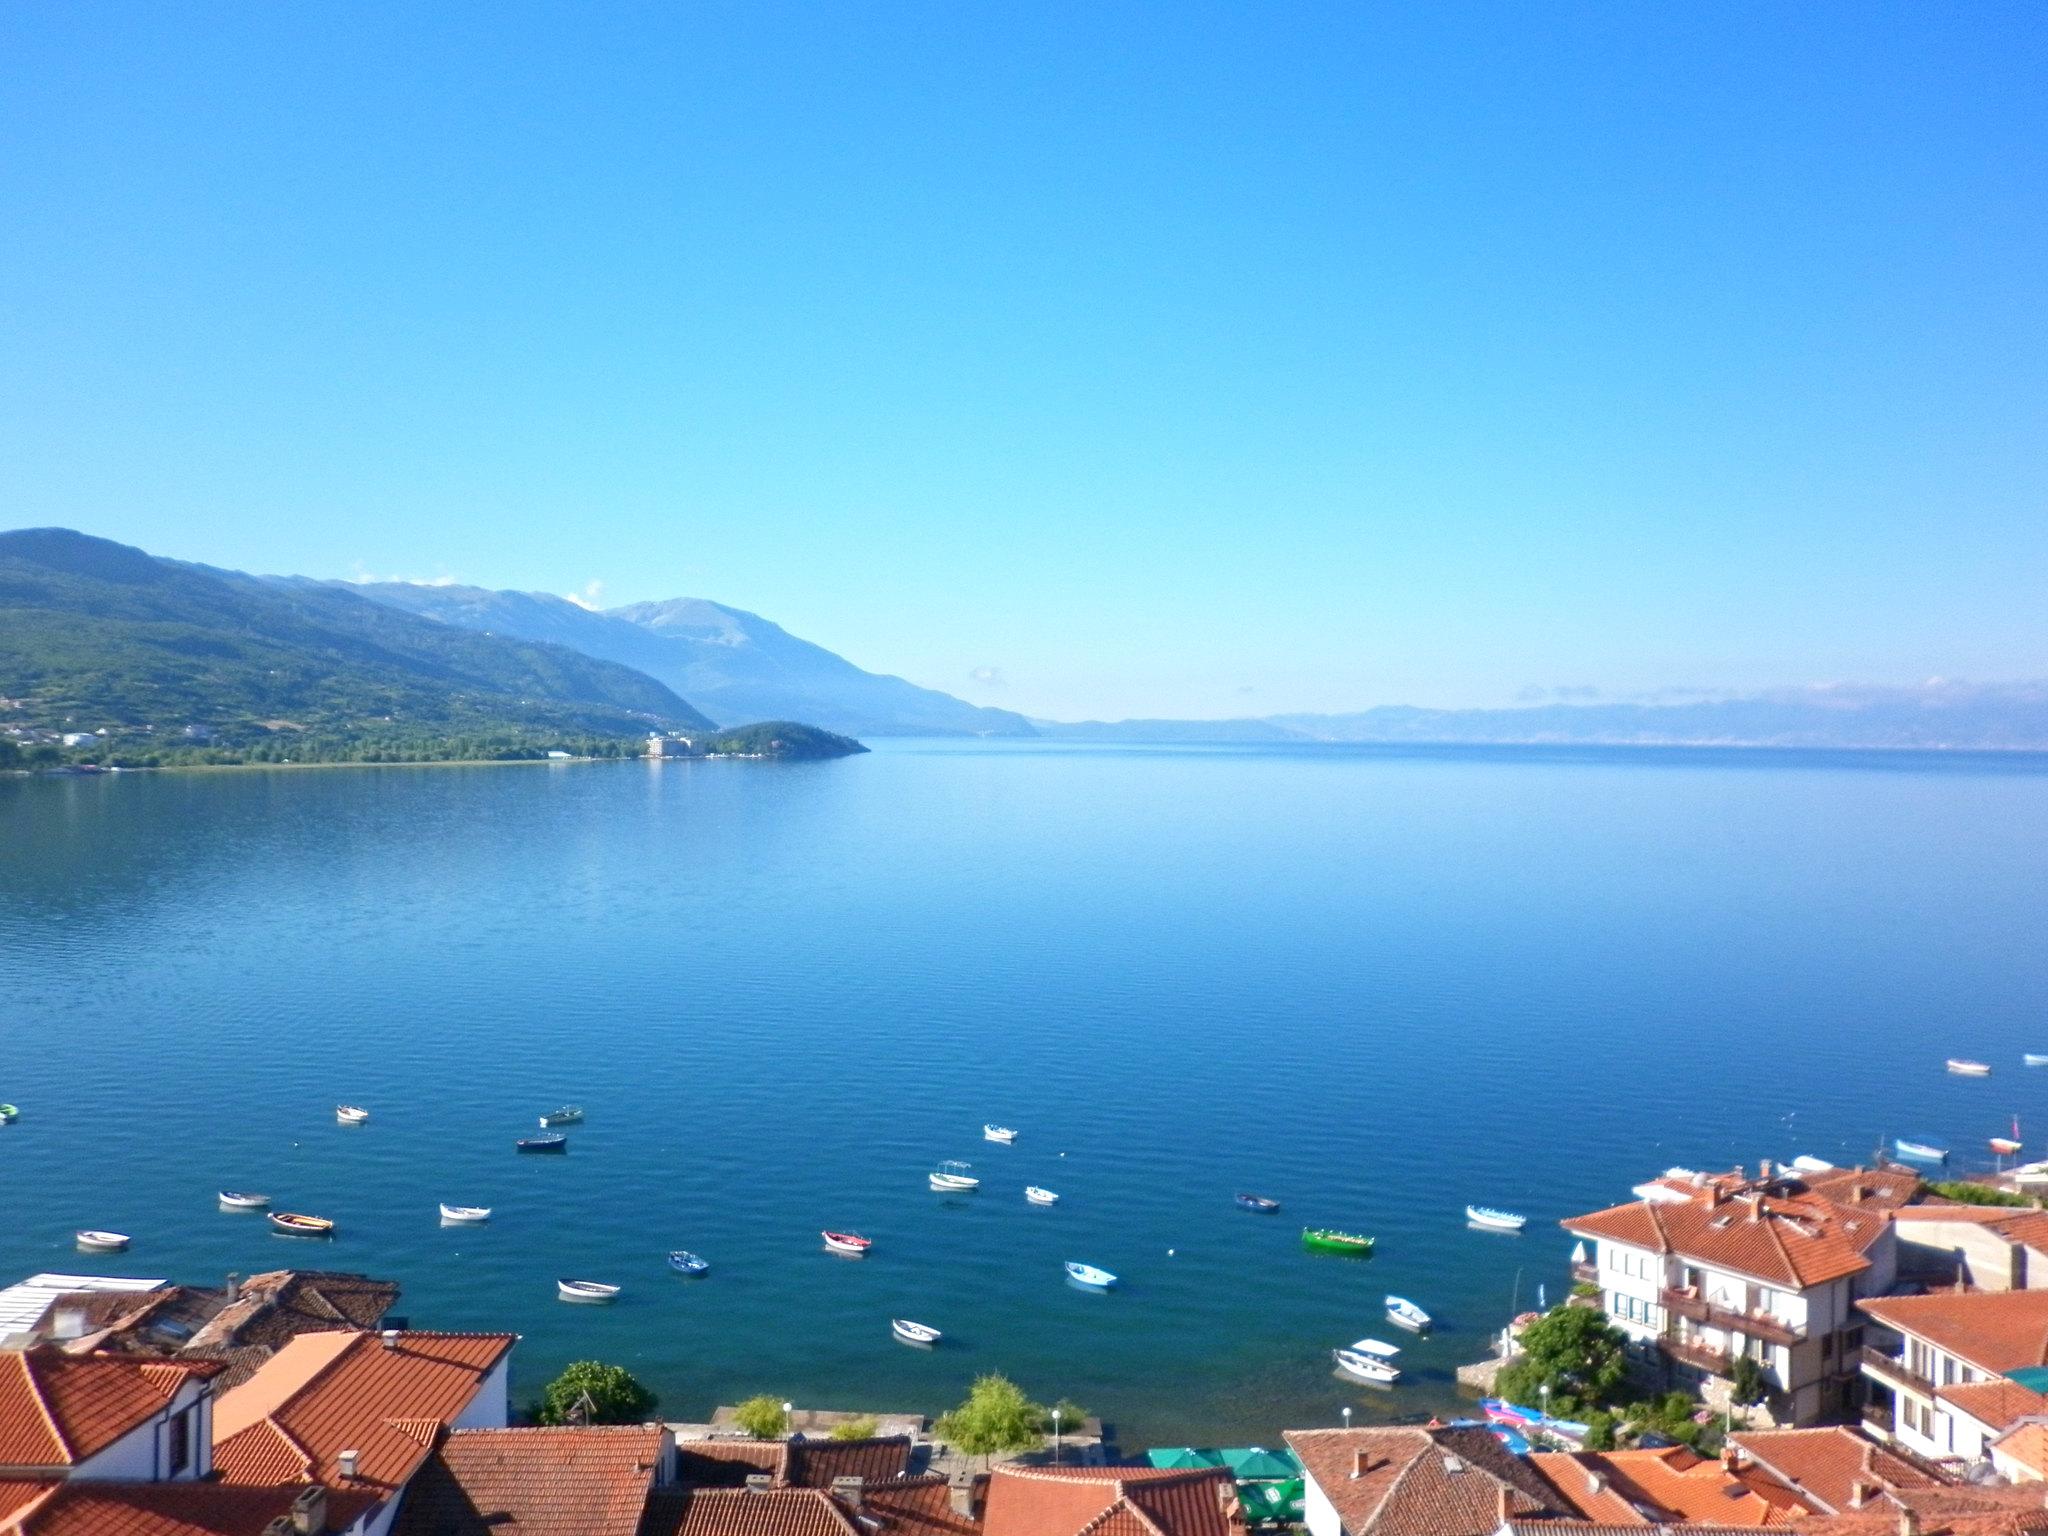 Lago di Ocrida origine, dove si trova e cosa vedere